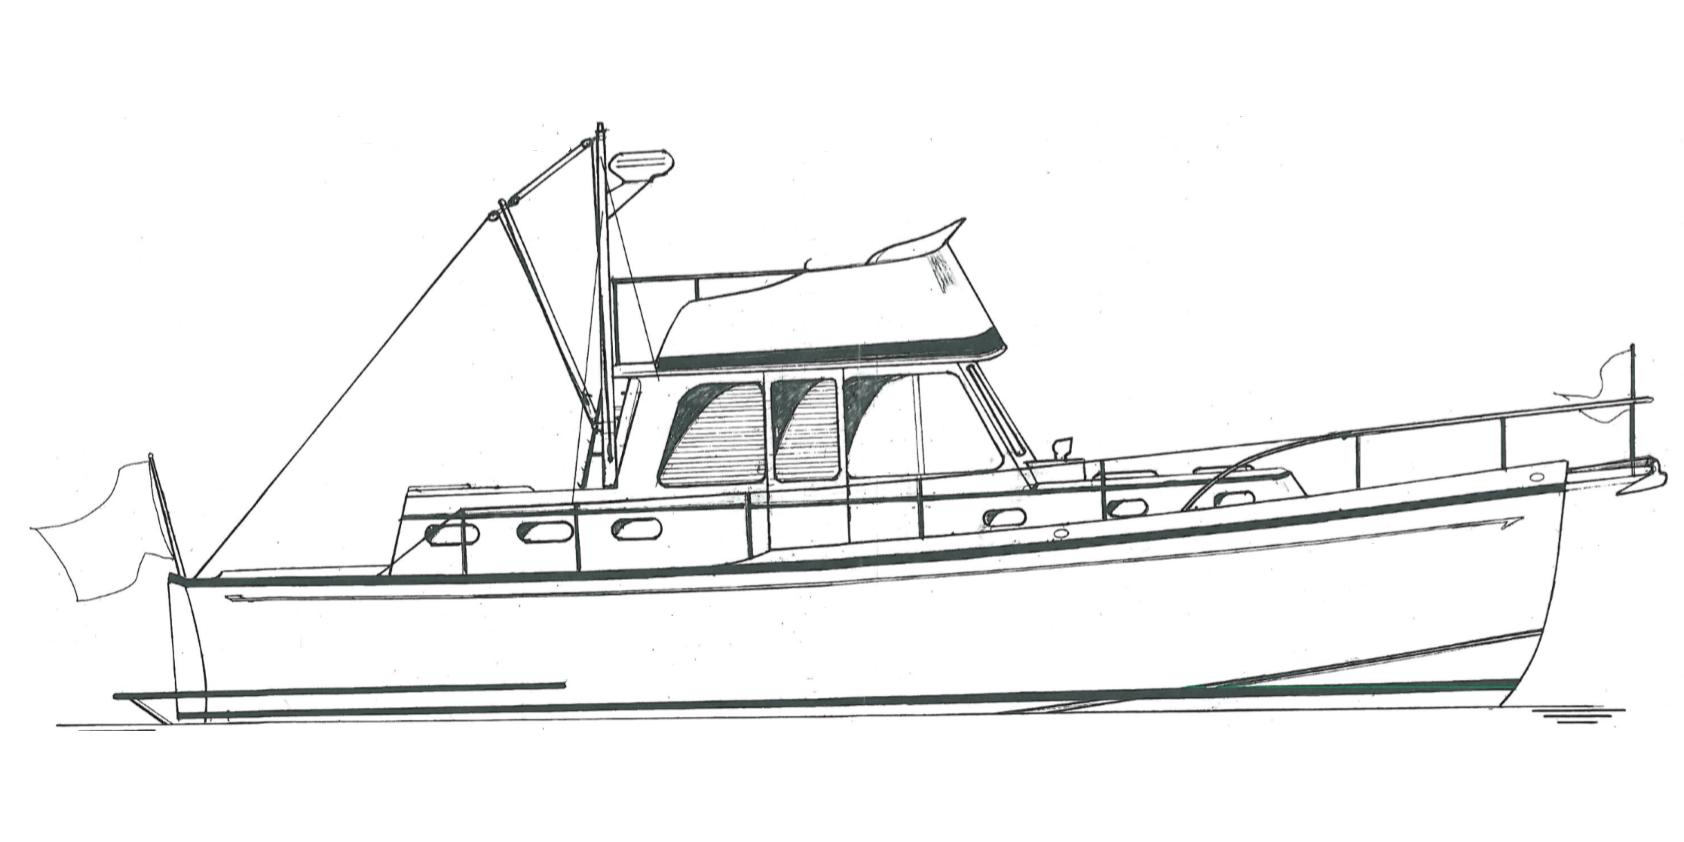 Padebco 32' Trawler